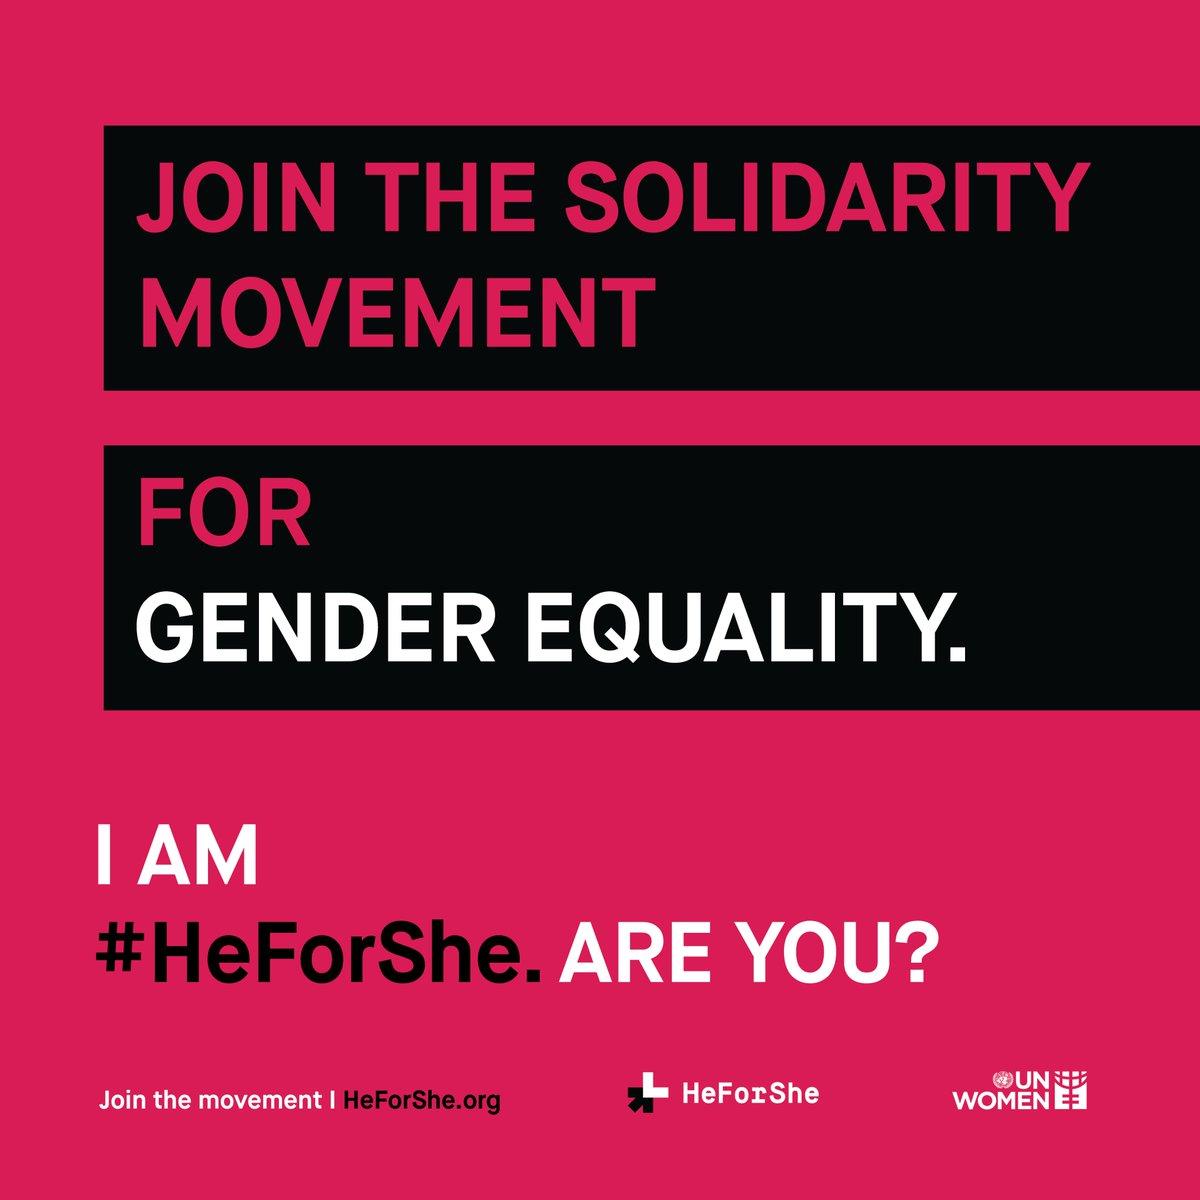 Are you #HeForShe Make the commitment at https://www.heforshe.org/en/commit